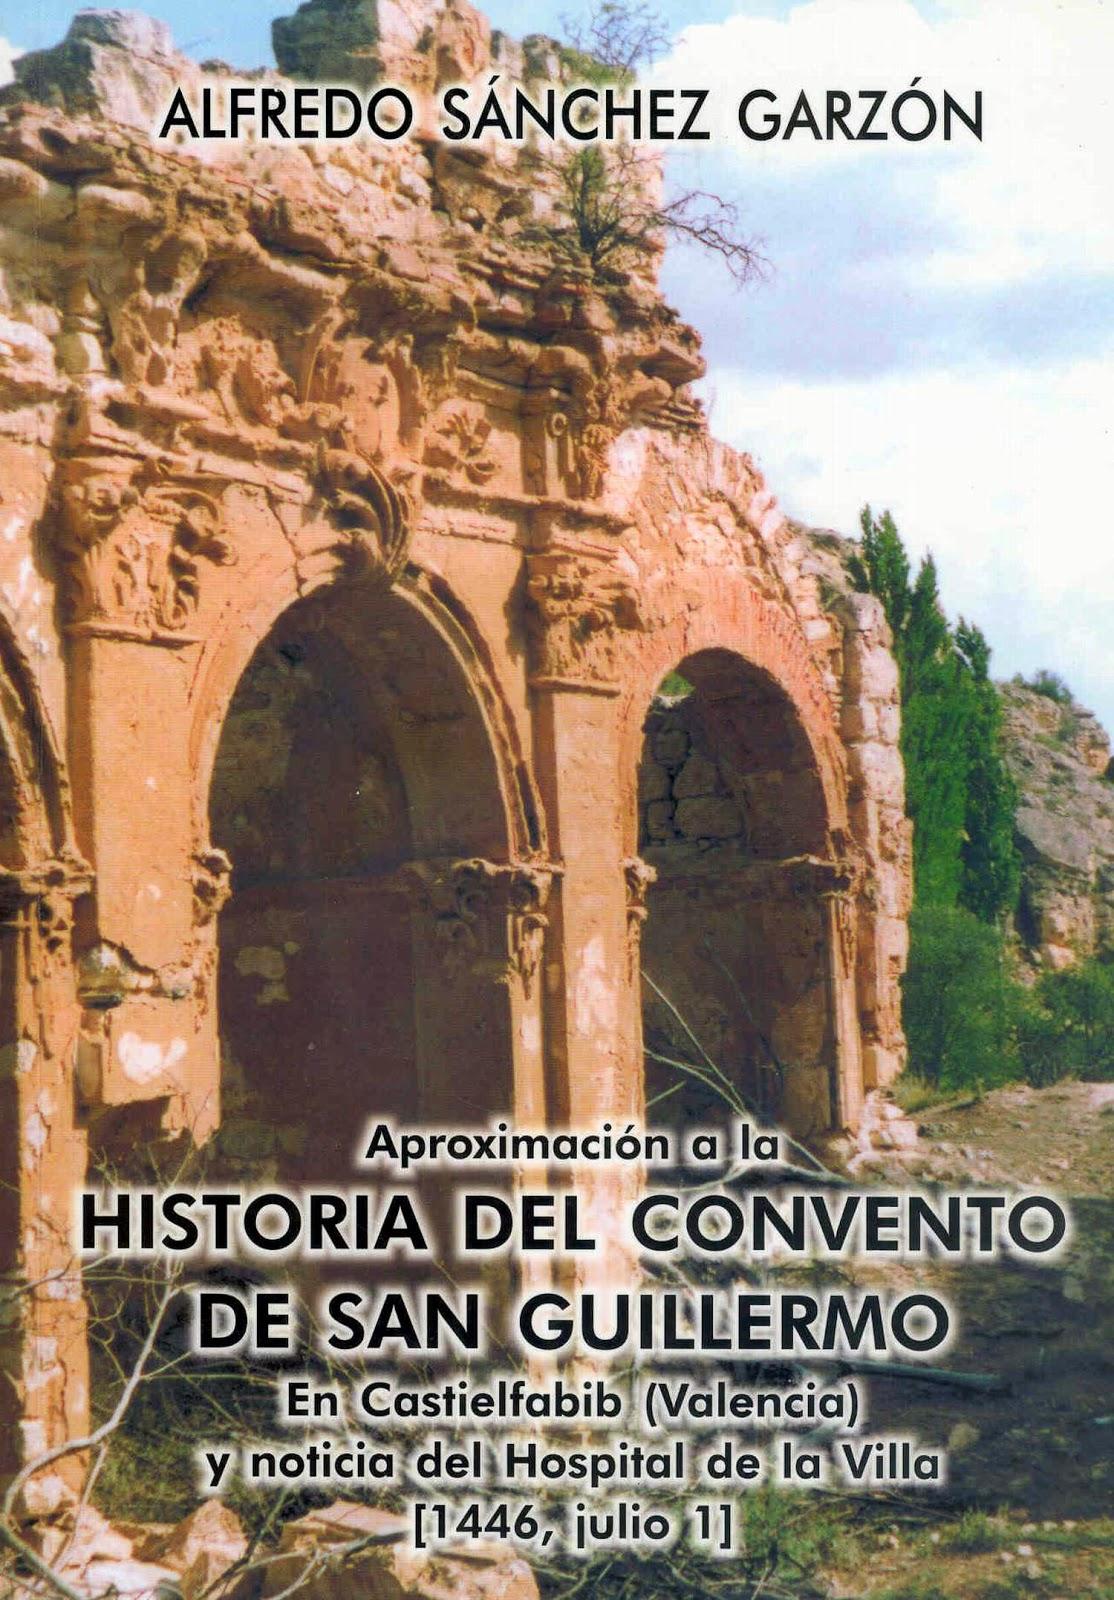 convento-guillermo-castielfabib-alfredo-sanchez-garzon